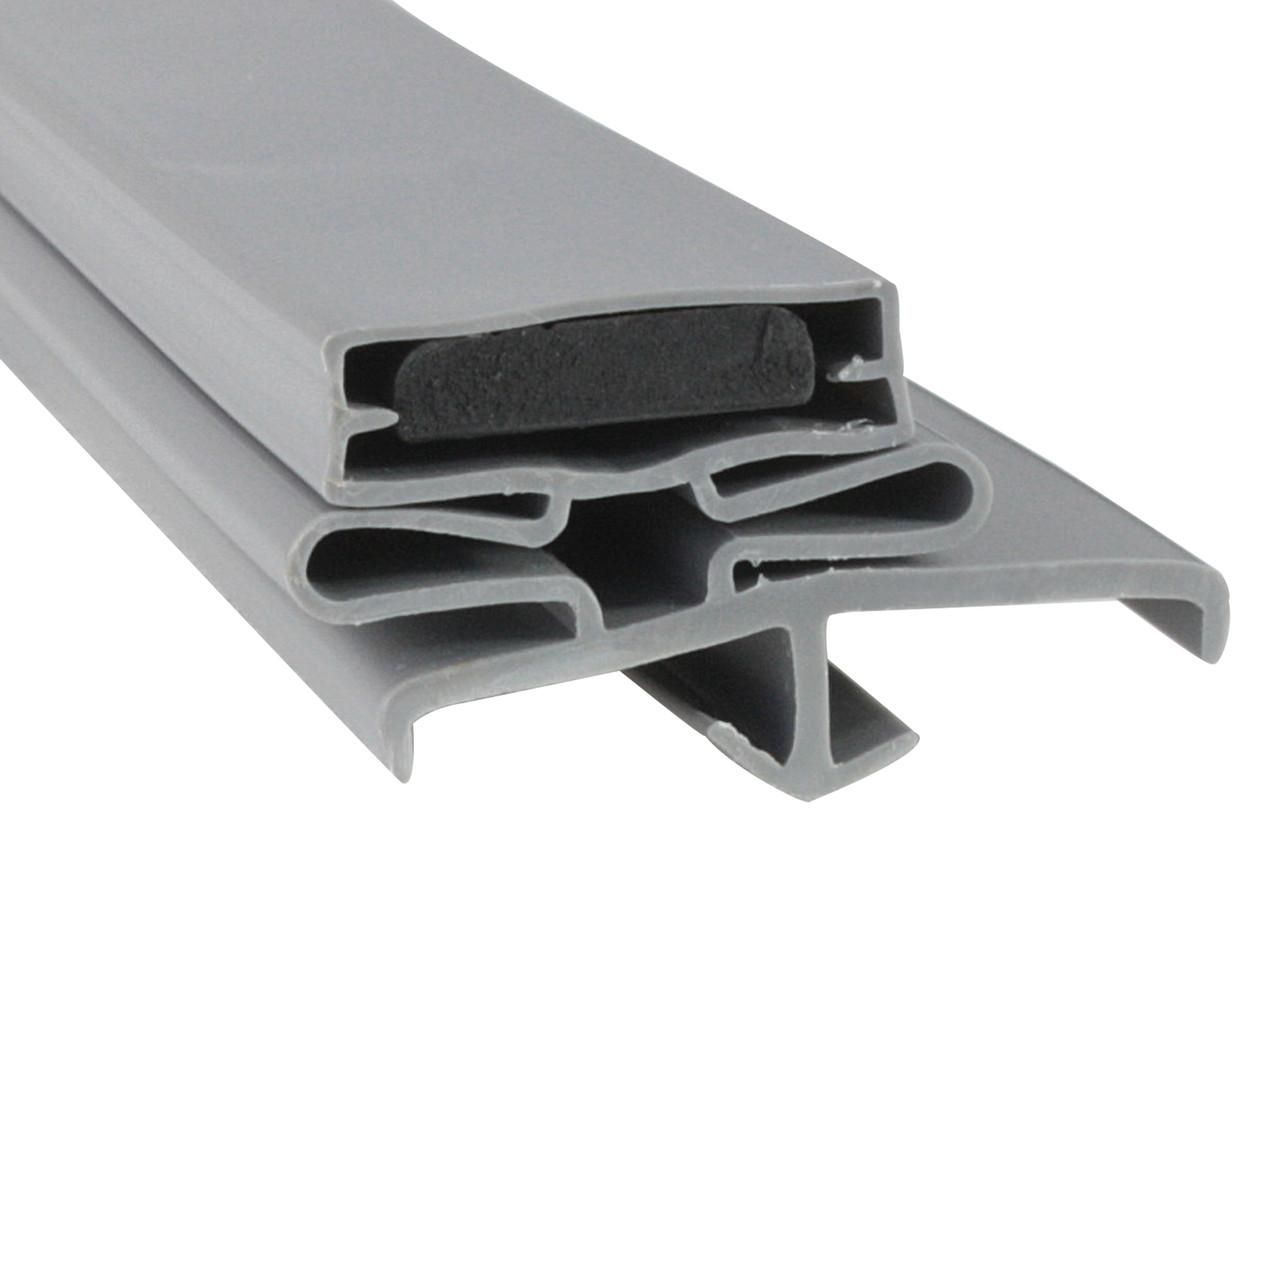 Kairak Door Gasket Profile 168 15 3/8 x 21 5/8 -1